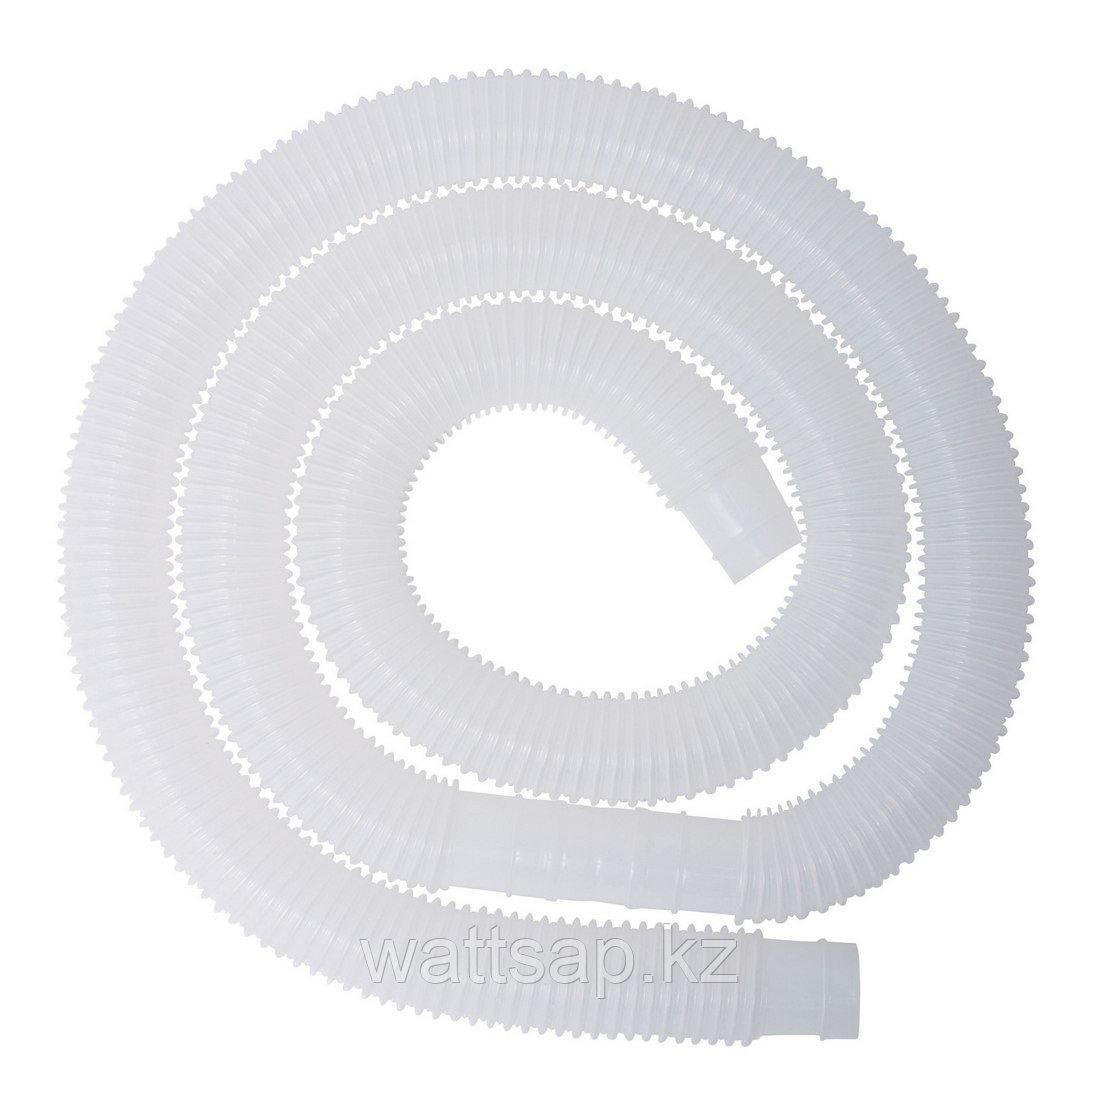 Шланг для фильтр-насоса, BESTWAY, 58245, Диаметр 32 мм, Длина 2 метра, Серый, Цветная коробка